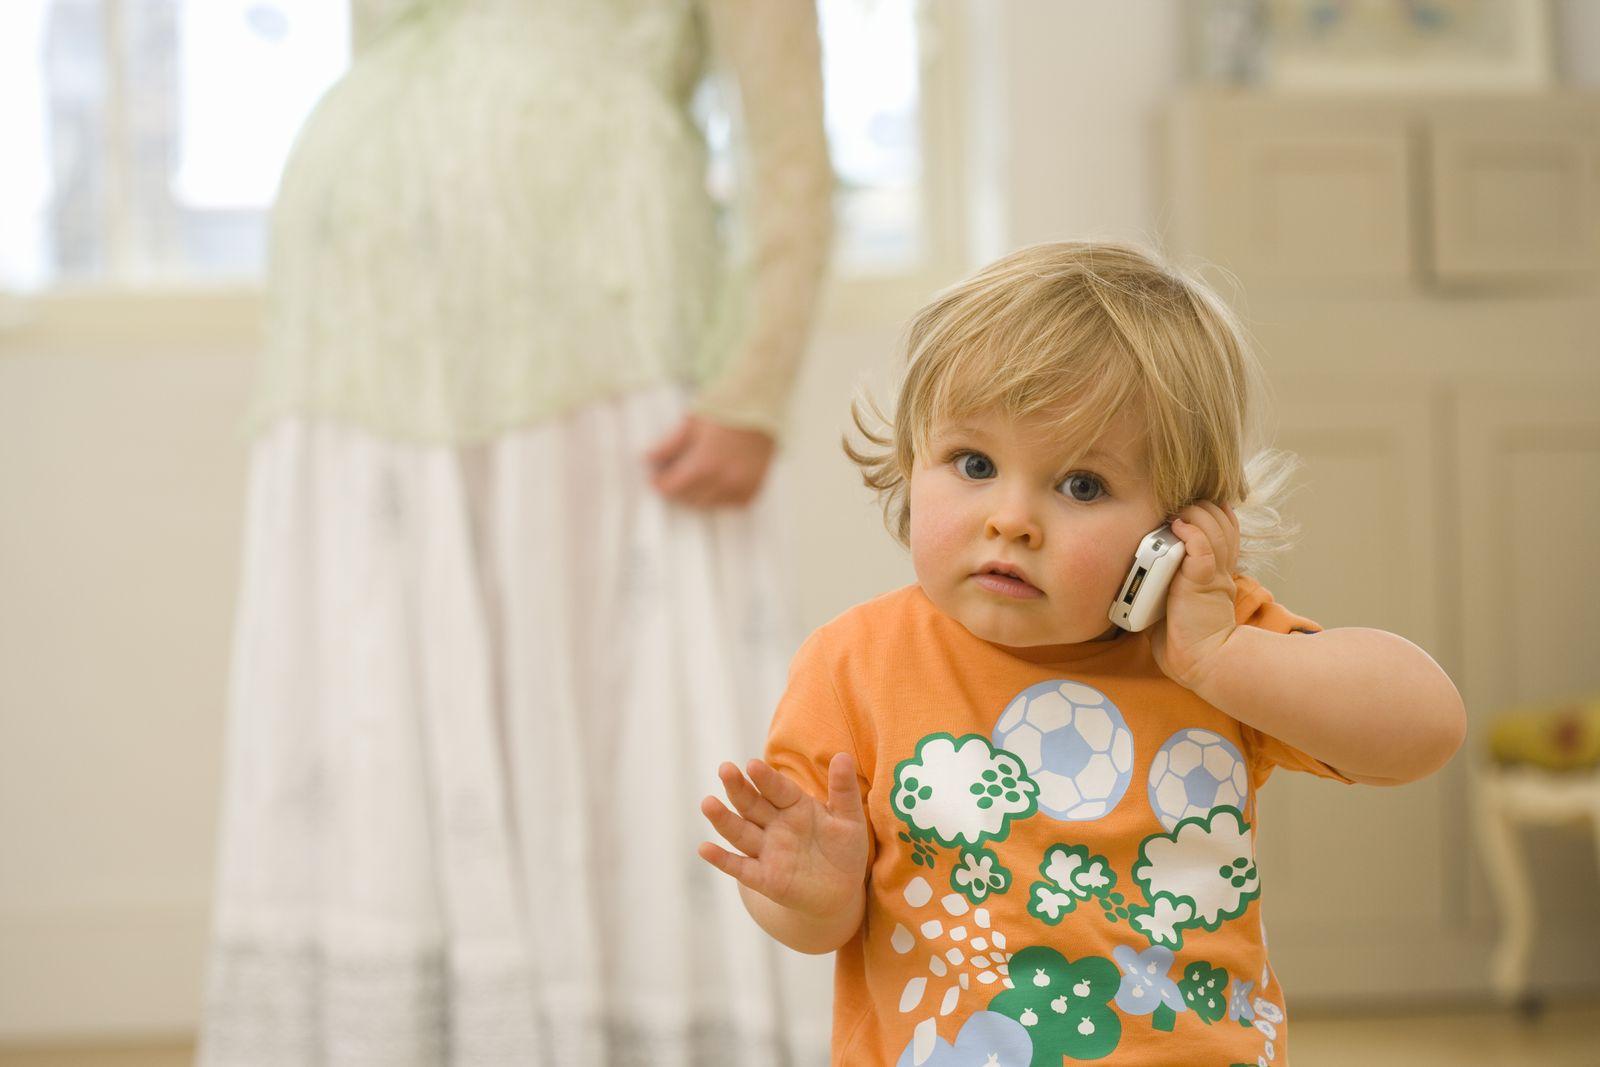 NICHT MEHR VERWENDEN! - Baby / Kind / Handy / Telefonieren